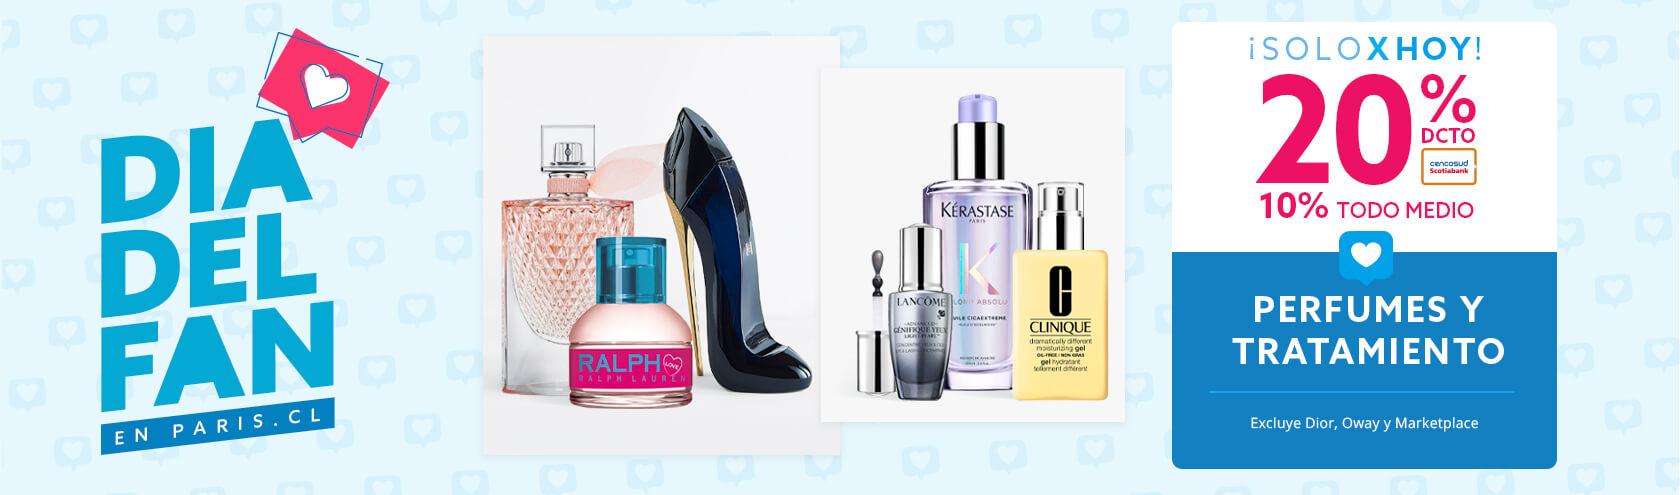 20/10 dcto en todo perfumes y tratamiento. Excluye Dior, Oway, Marketplace